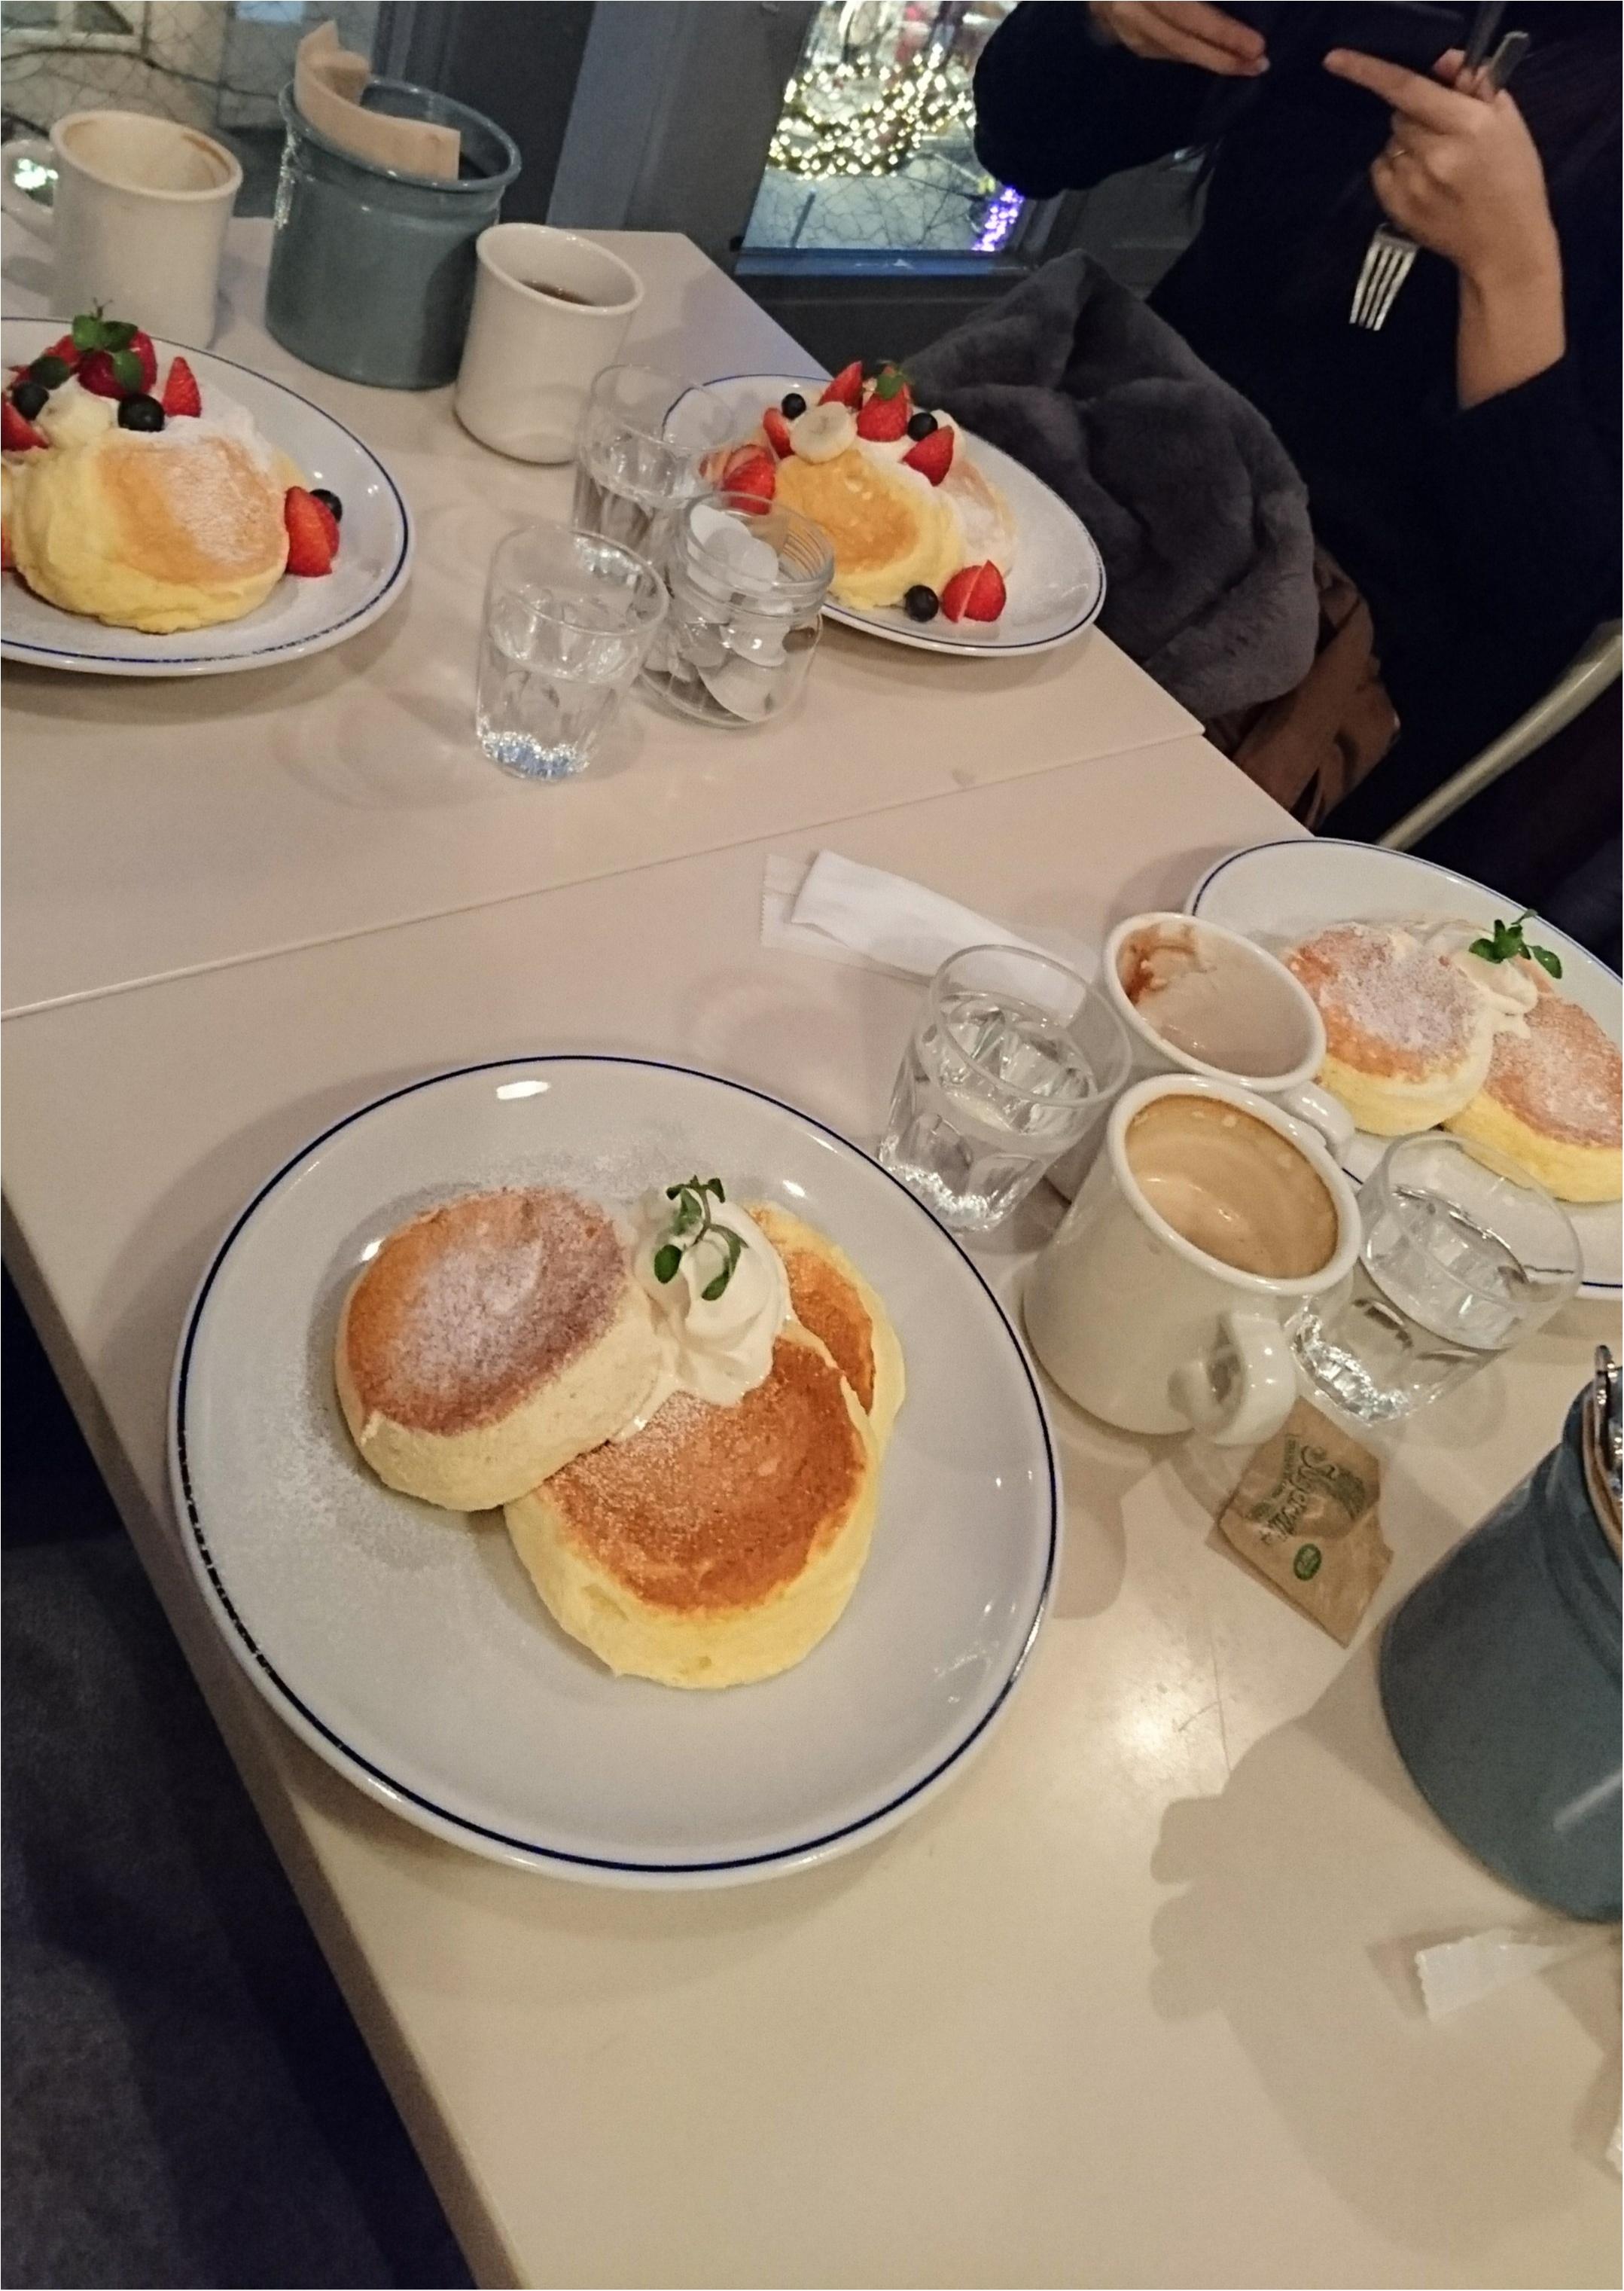 ふわふわすぎる幸せのパンケーキ♡からの気になっていたあの有名なコッペパン(*´-`)_1